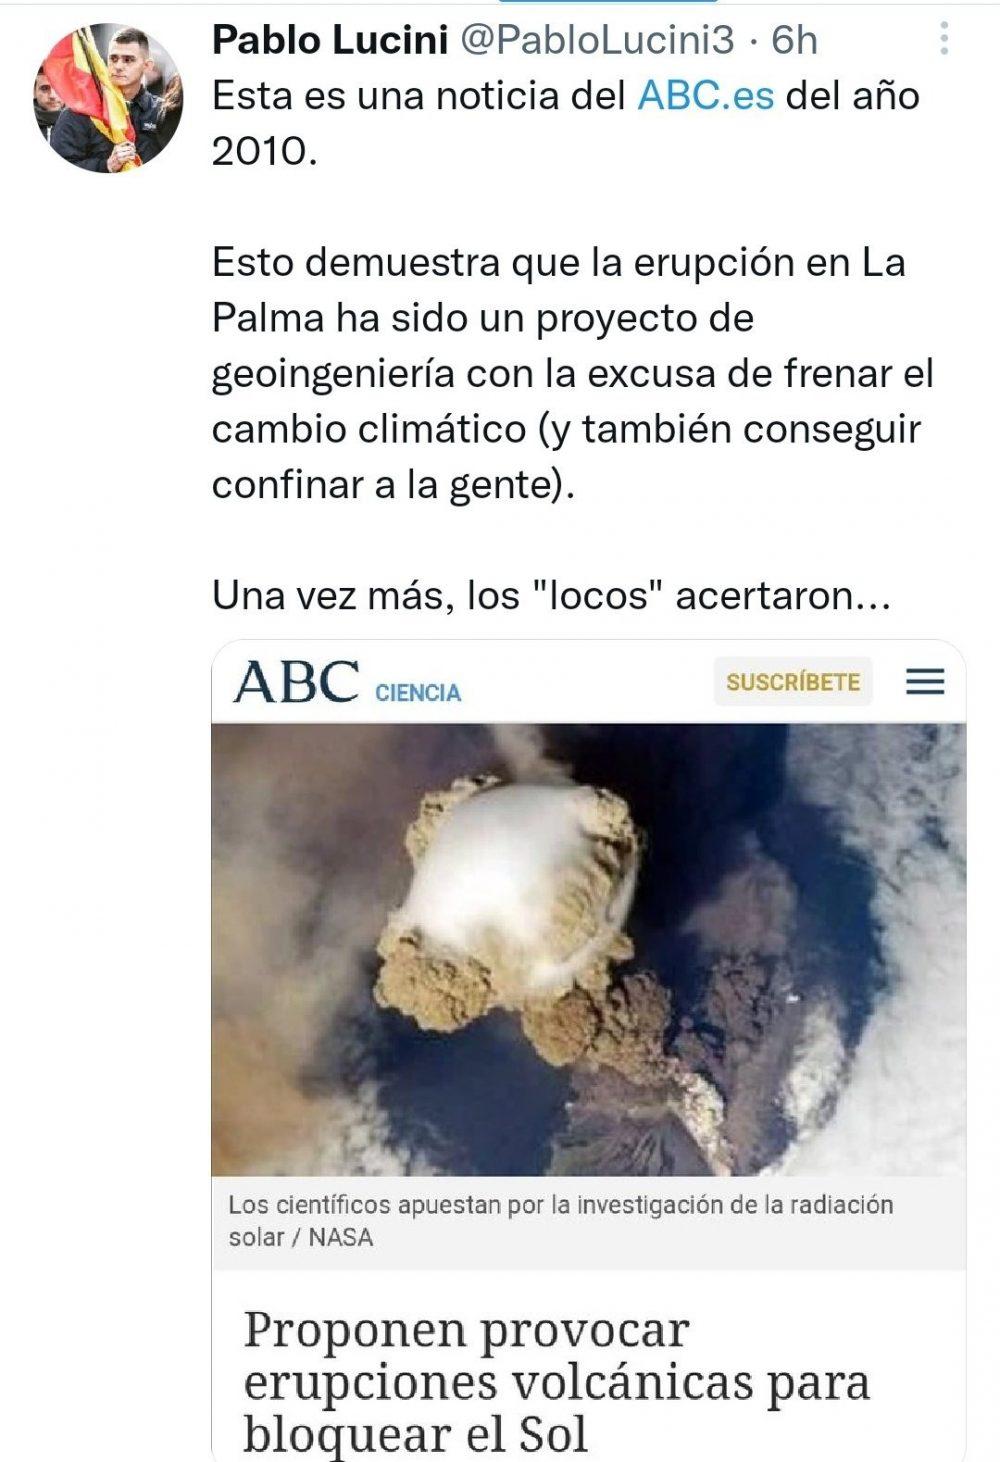 La demostración definitiva de que la erupción ha sido provocada